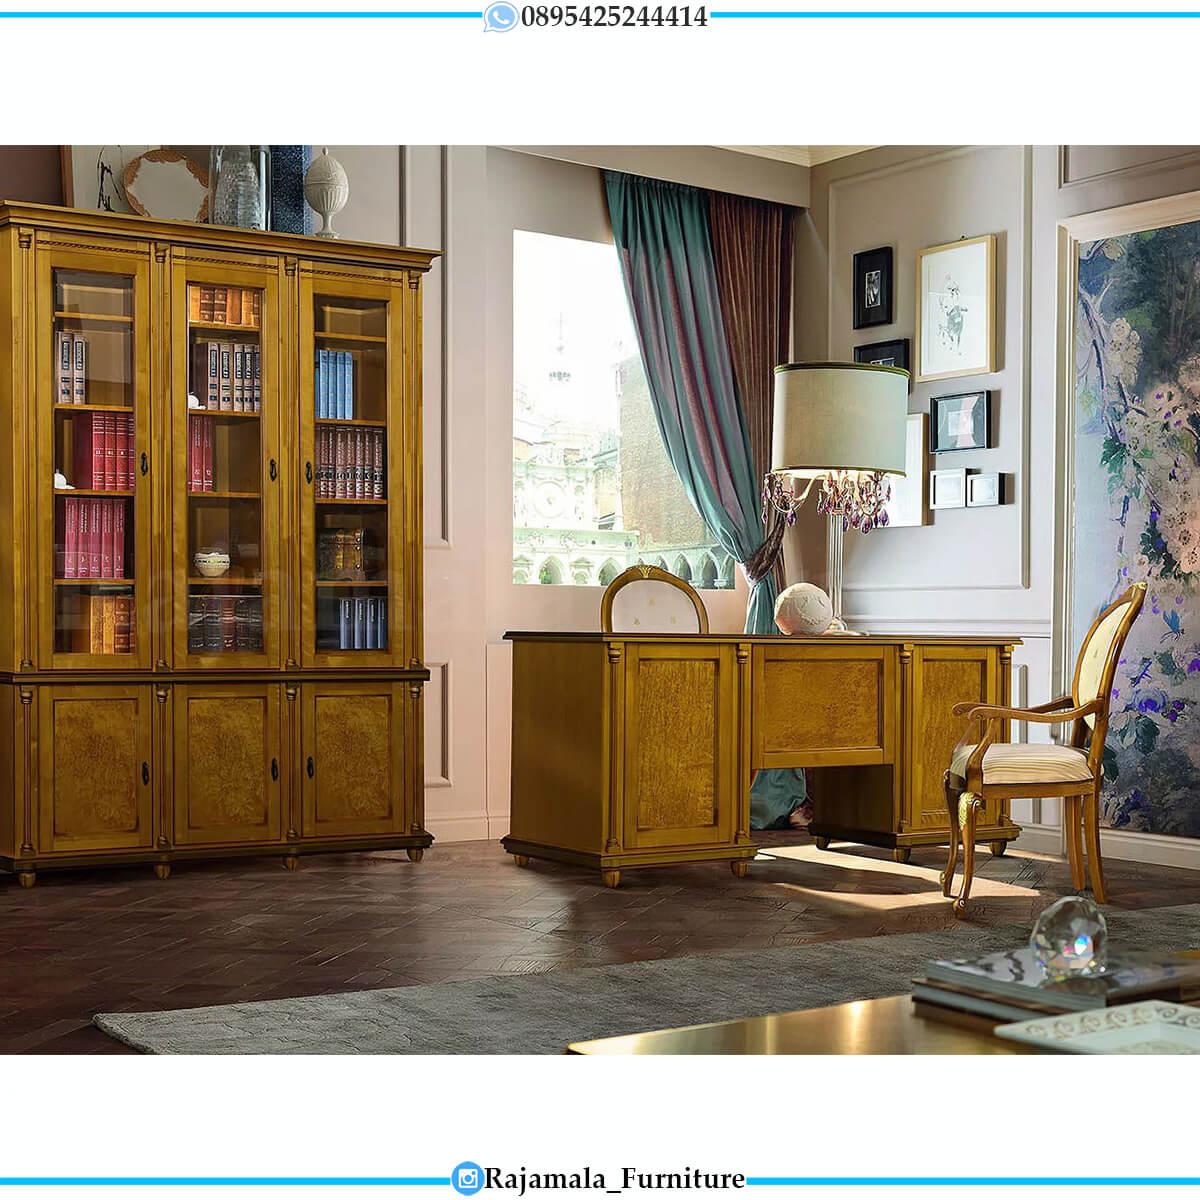 Jual Meja Kantor Mewah Jepara Jati Classic Natural Salak Brown RM-0574